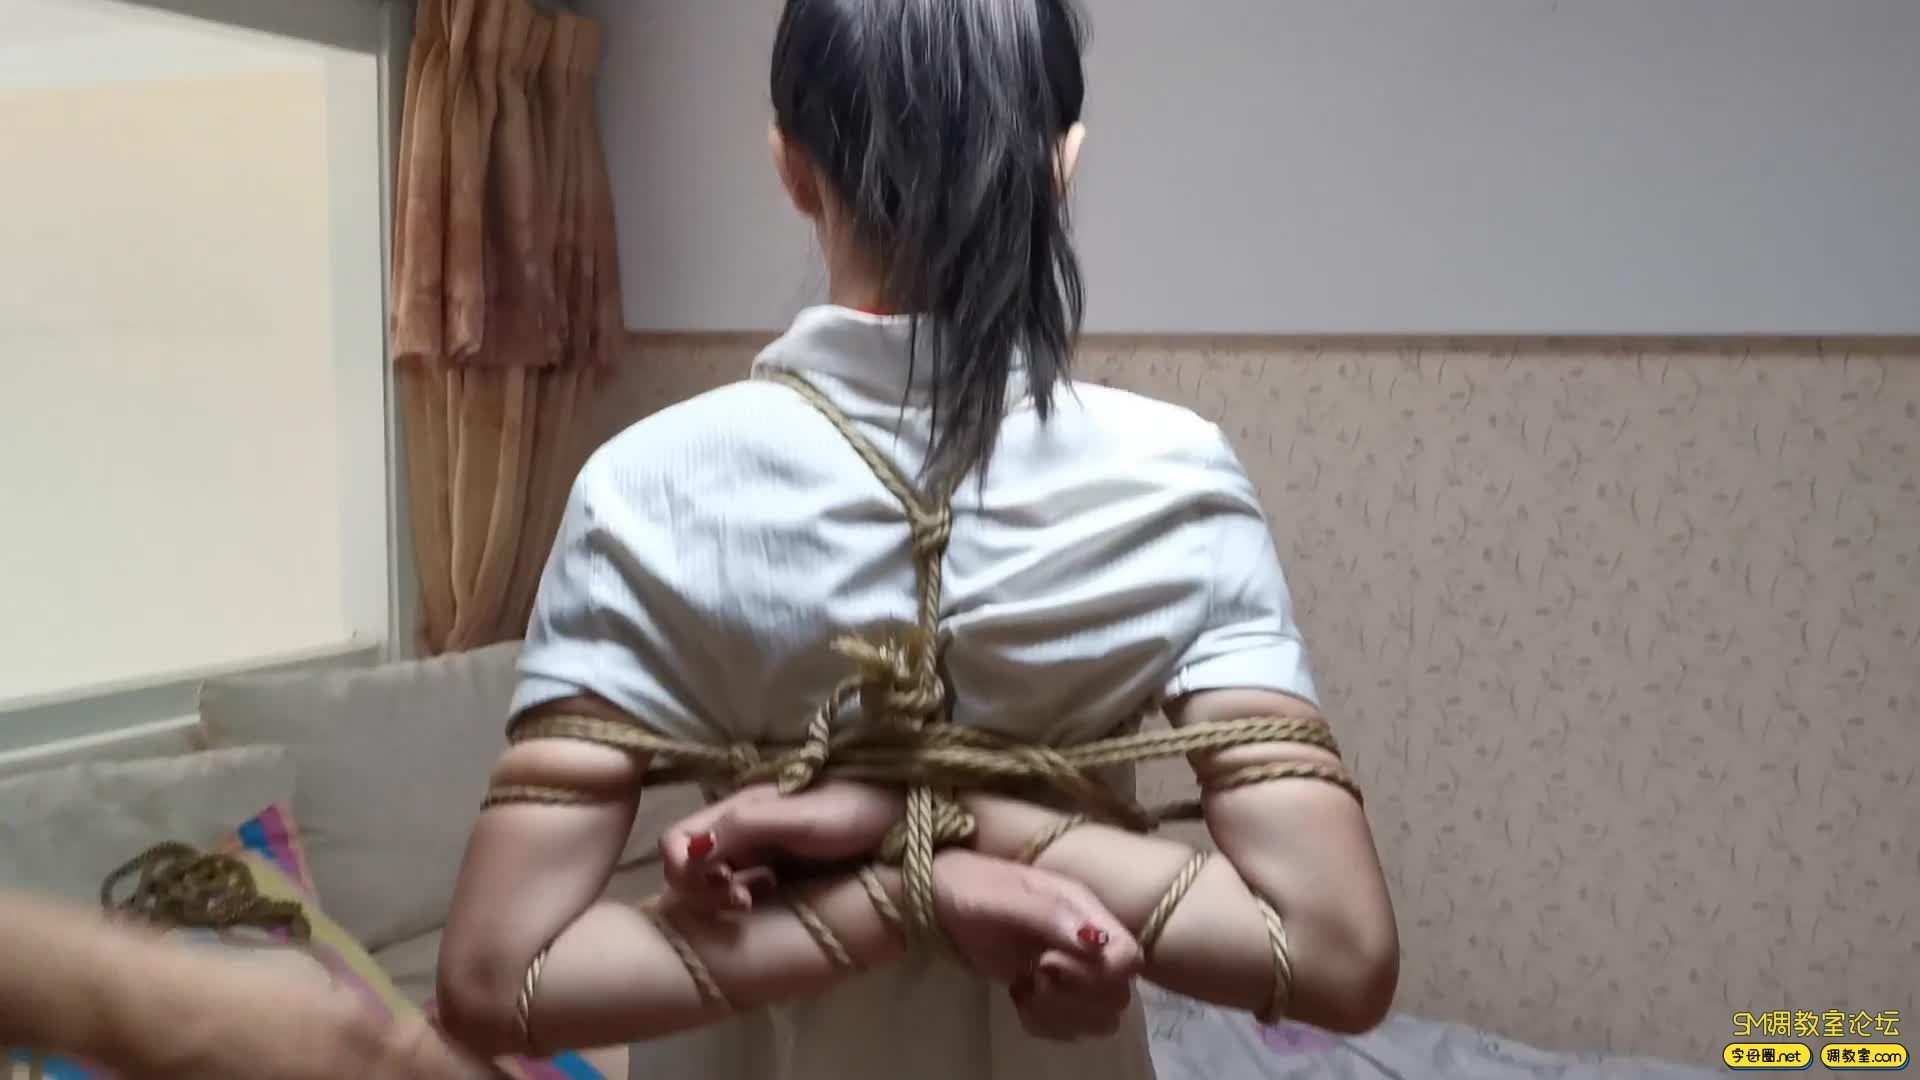 【JS】艾诺-白领装五花驷马 虐足 超大口塞式口罩 堵嘴-视频截图1